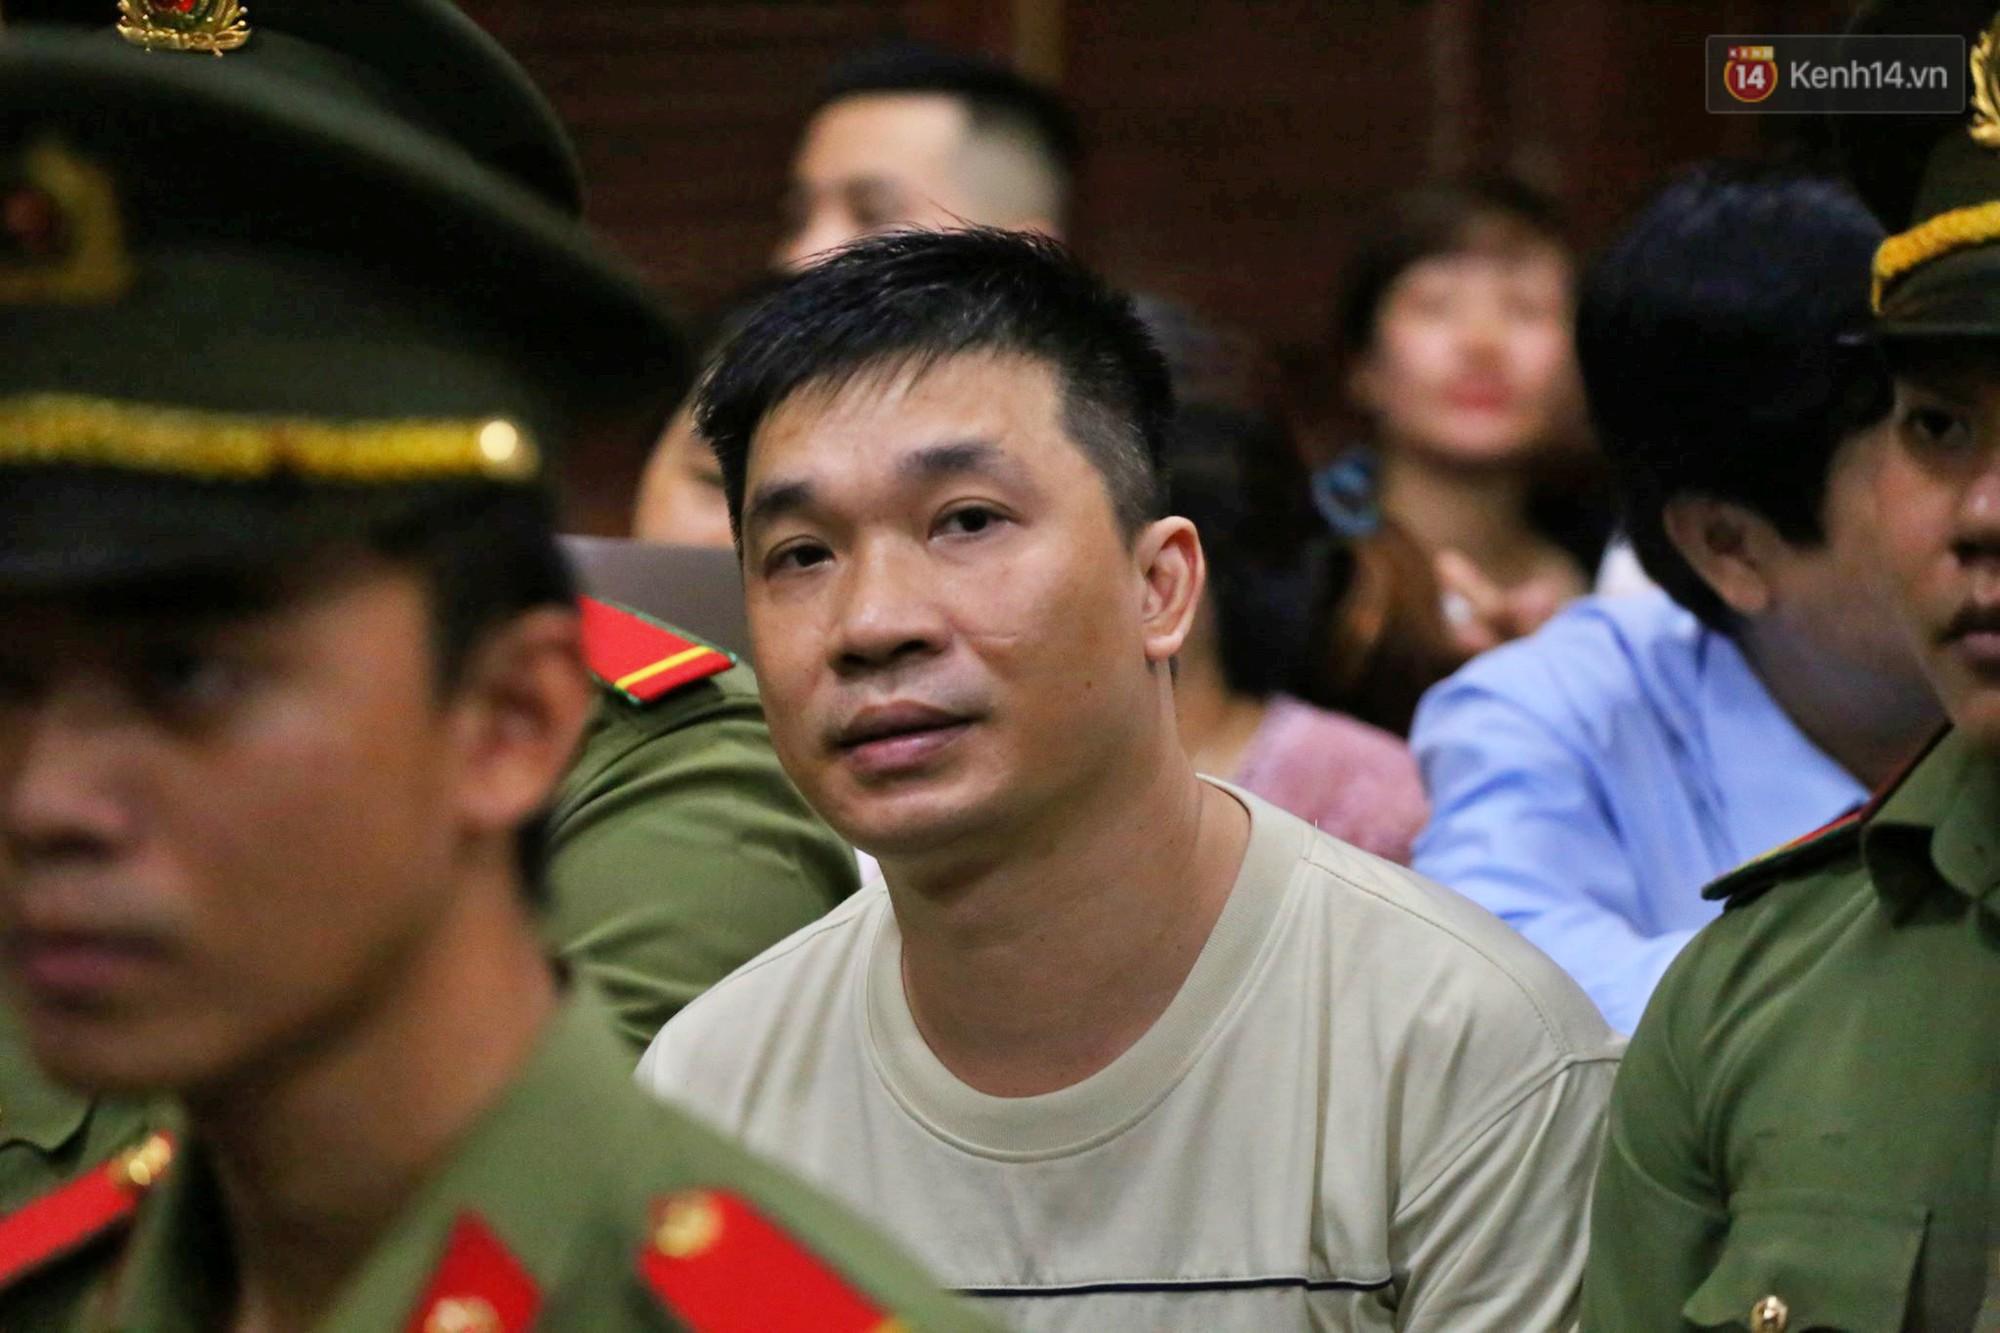 Bố Văn Kính Dương chia sẻ sau 5 ngày xét xử: Tôi từng khuyên con trai nhưng nó bảo nhiều việc nên chưa ra đầu thú-1